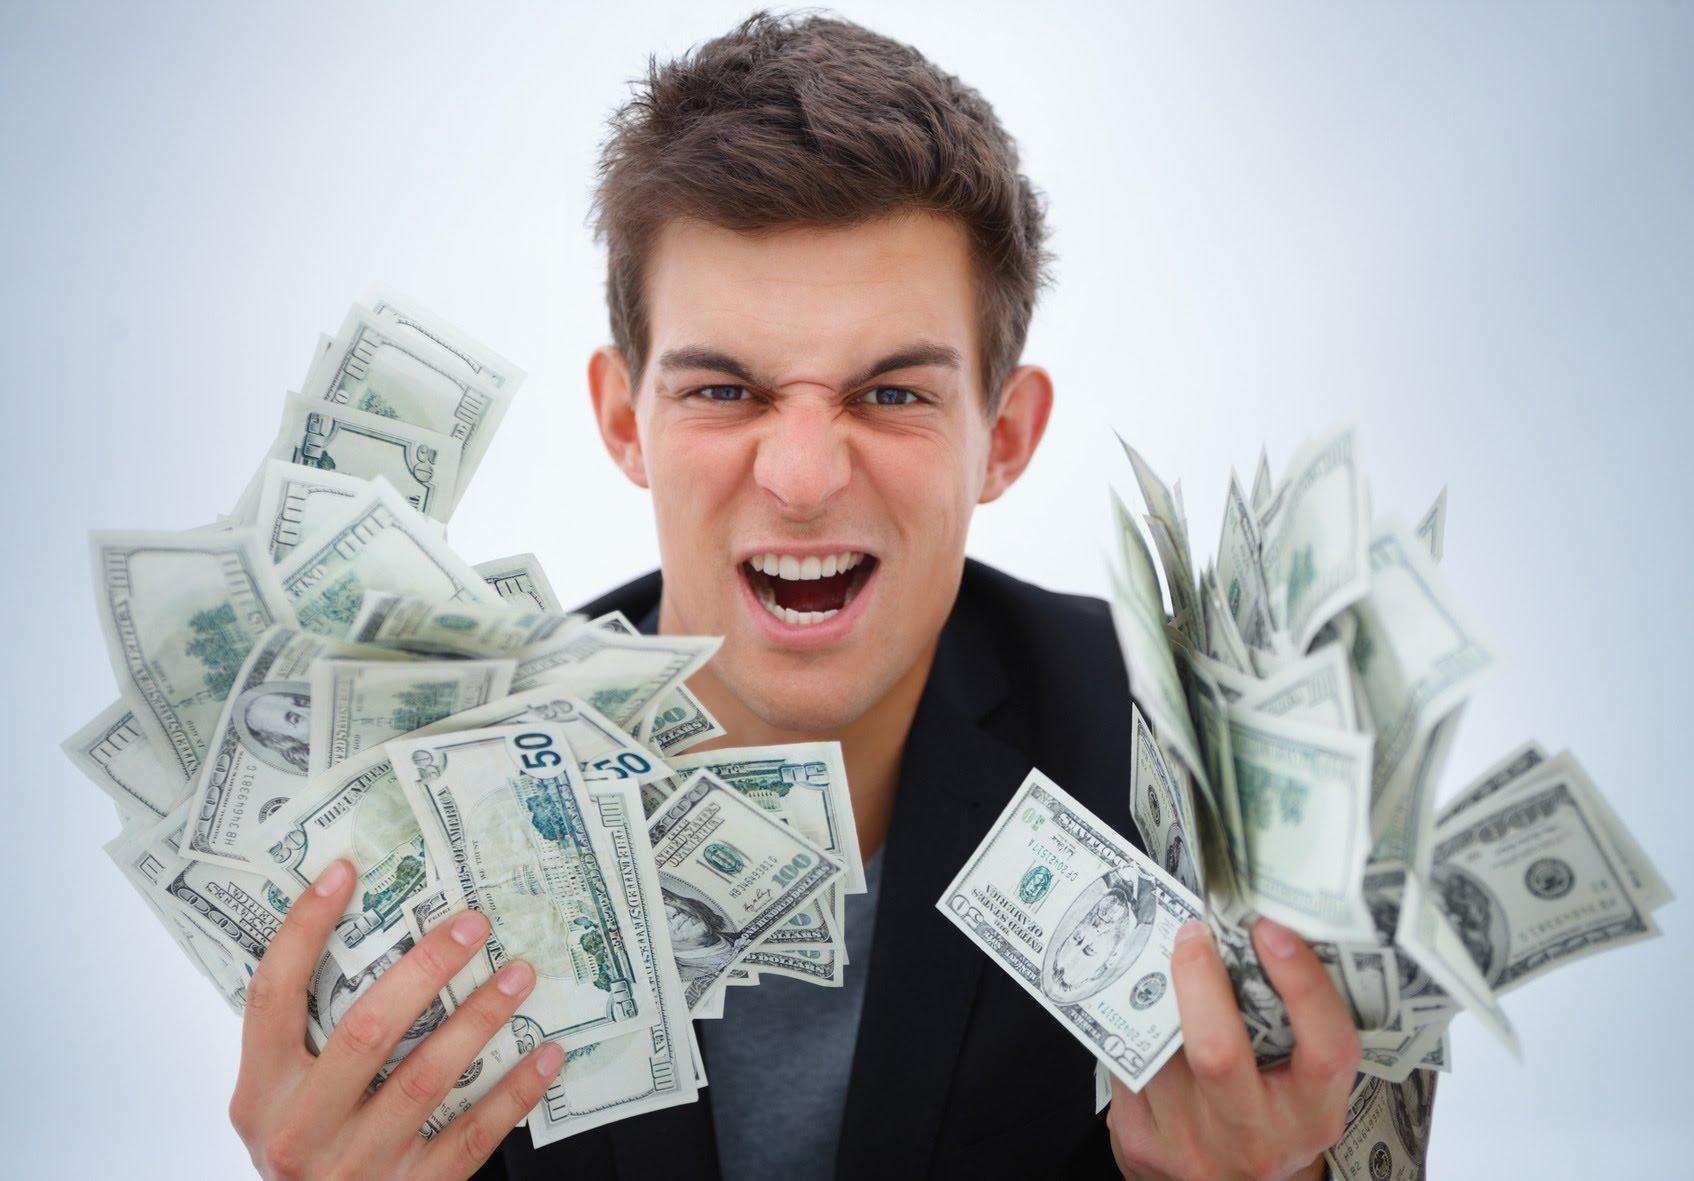 Taruhan Judi Online Bisa Hasilkan Keuntungan Uang Puluhan Juta?